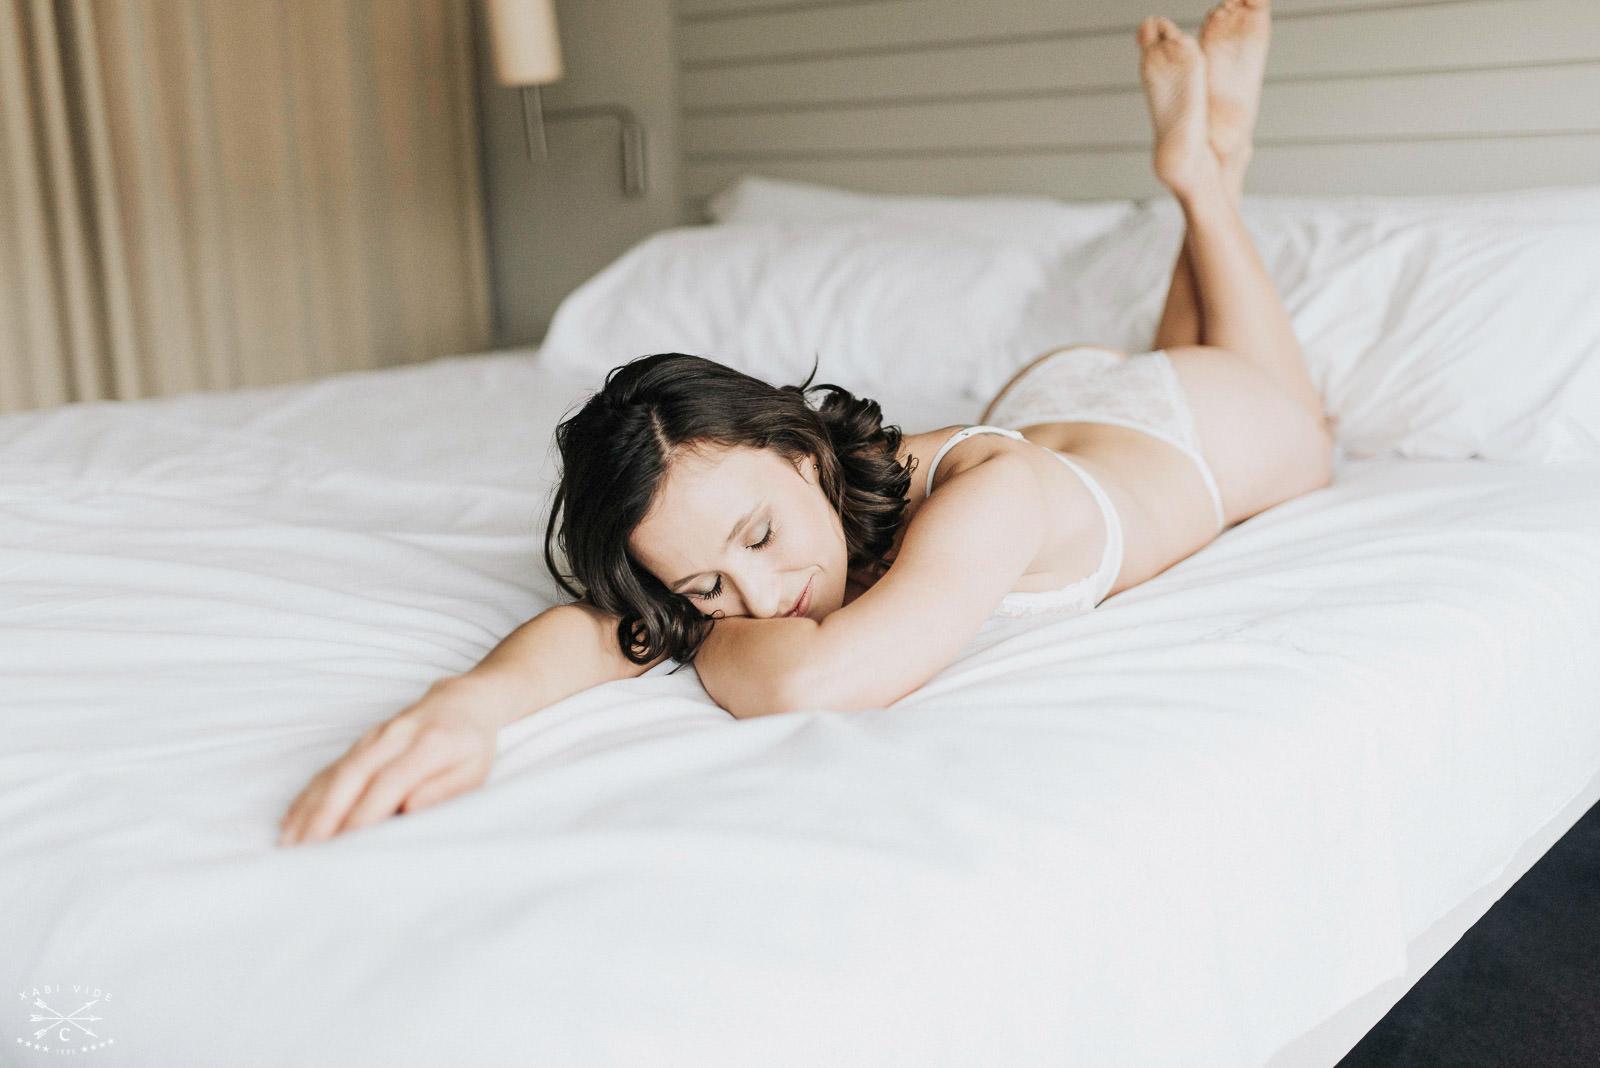 pilar_boudoir_xabivide-11